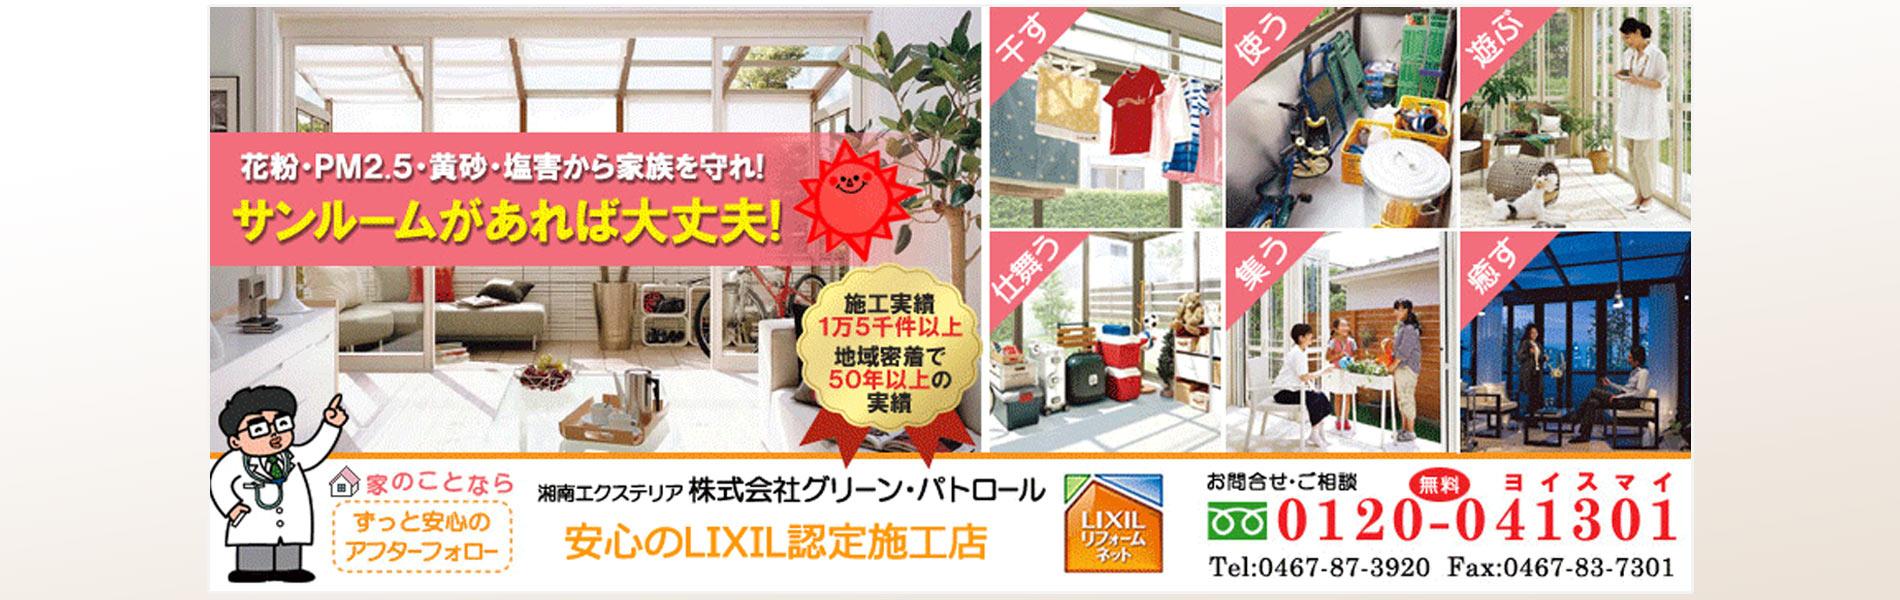 花粉の季節の洗濯物問題をサンルームで解決!(株)グリーン・パトロール